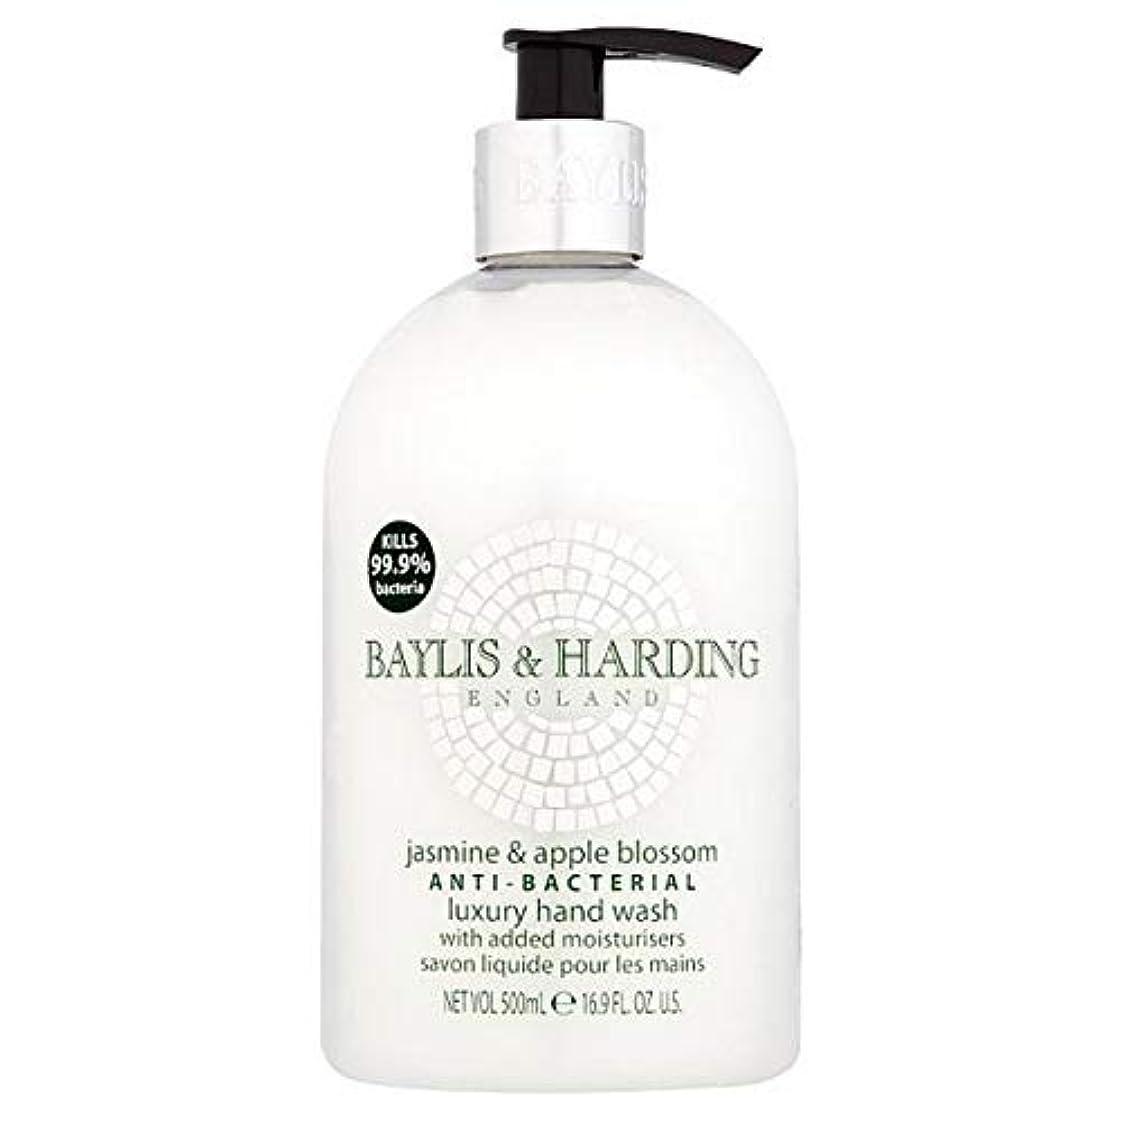 符号教育者安息[Baylis & Harding ] ベイリス&ハーディング署名抗菌手洗い用500ミリリットル - Baylis & Harding Signature Antibacterial Hand Wash 500ml [並行輸入品]